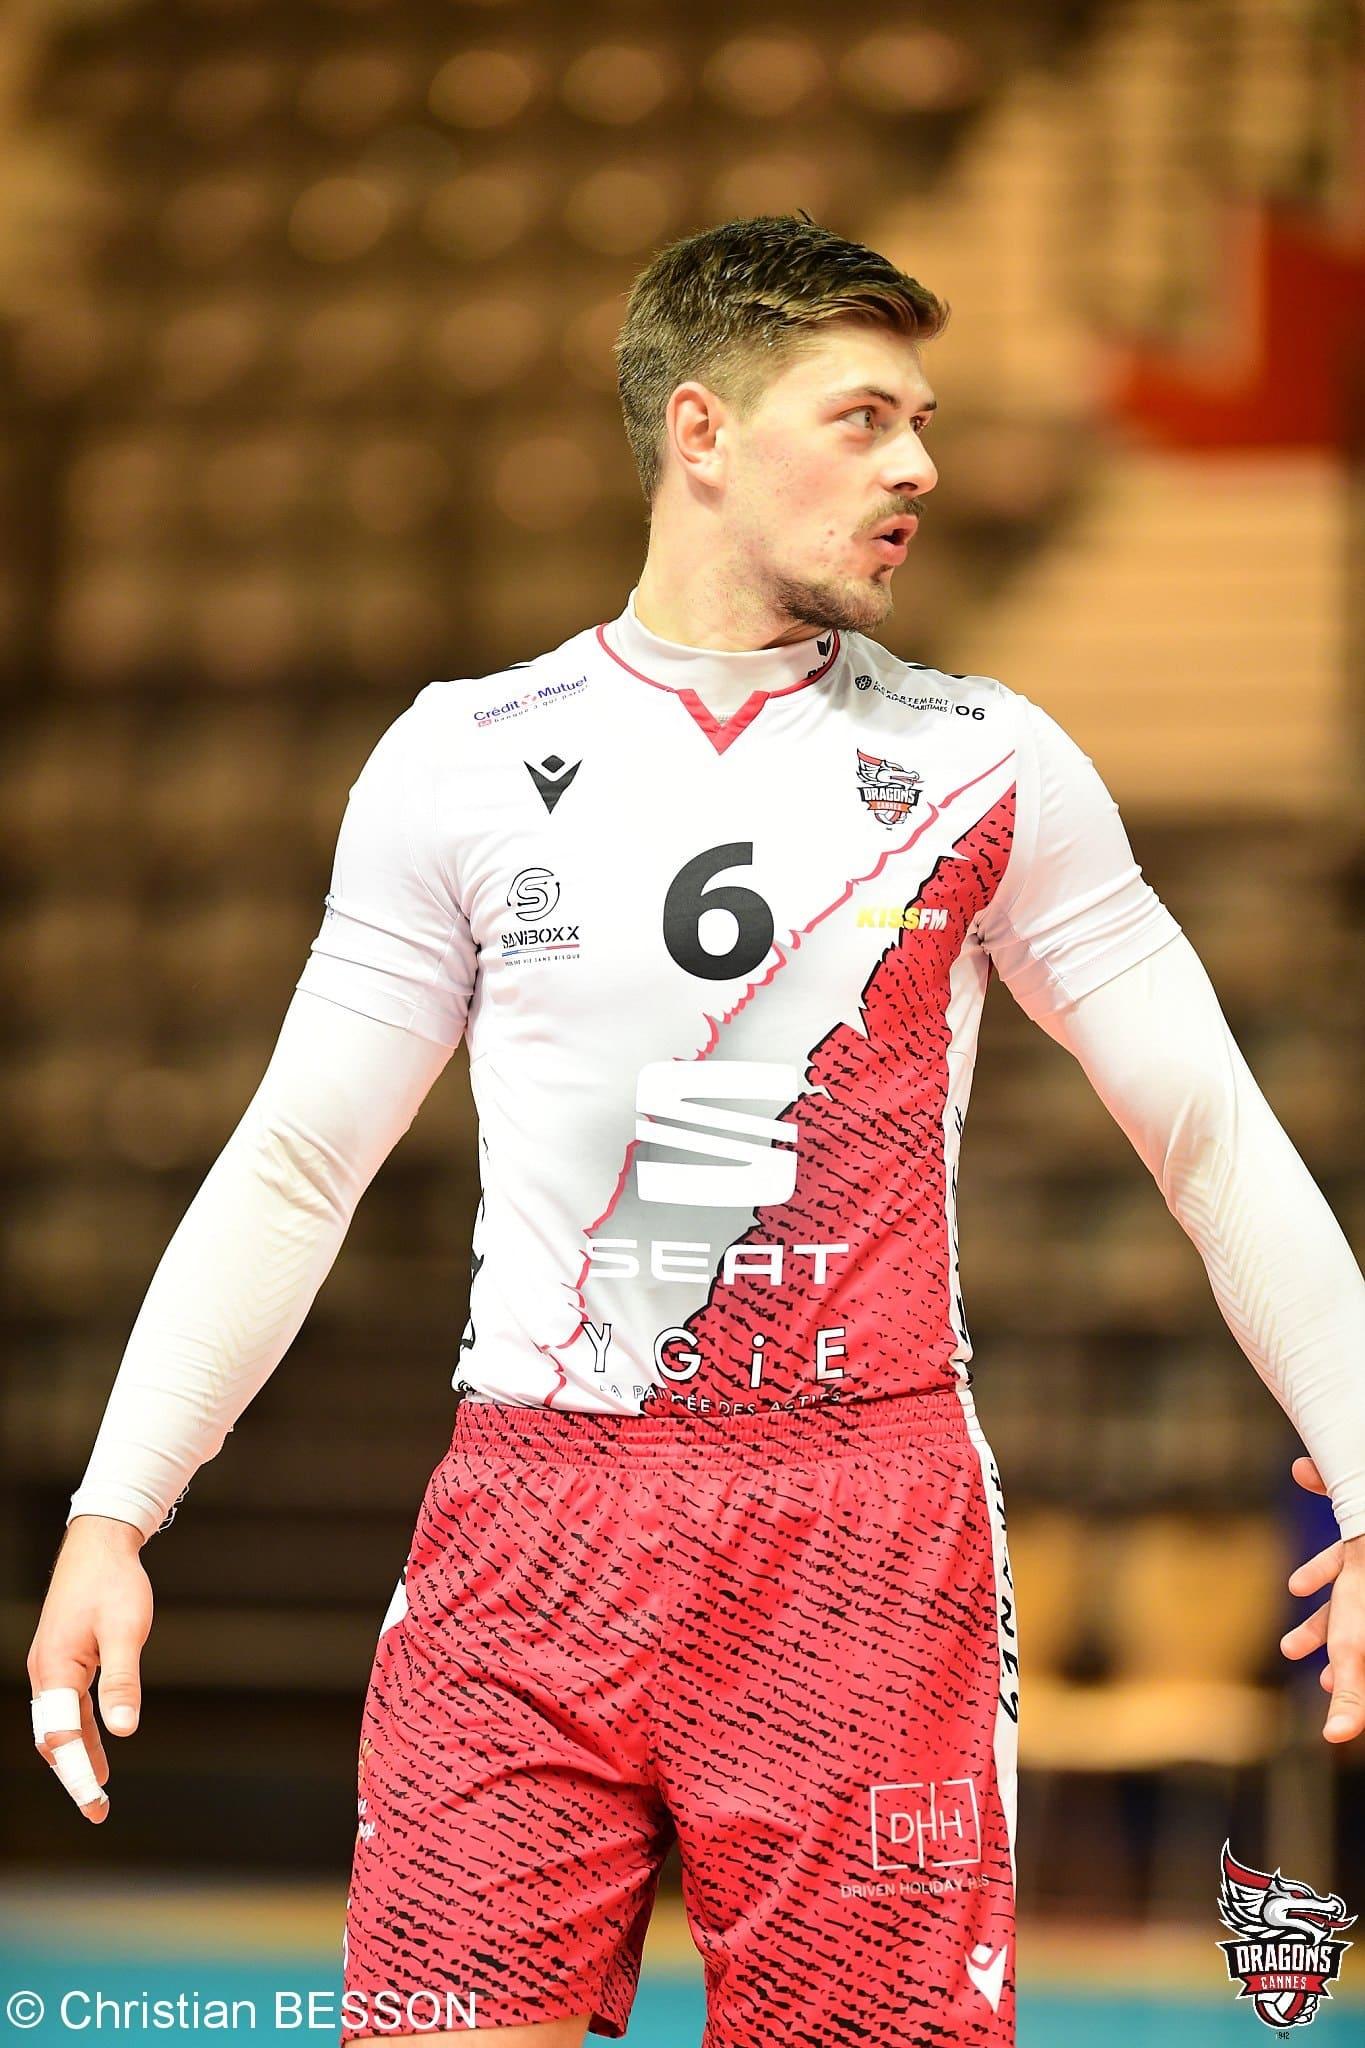 le-maillot-de-las-cannes-elu-le-plus-beau-de-la-saison-2020-2021-par-les-abonnes-de-volleypack-1